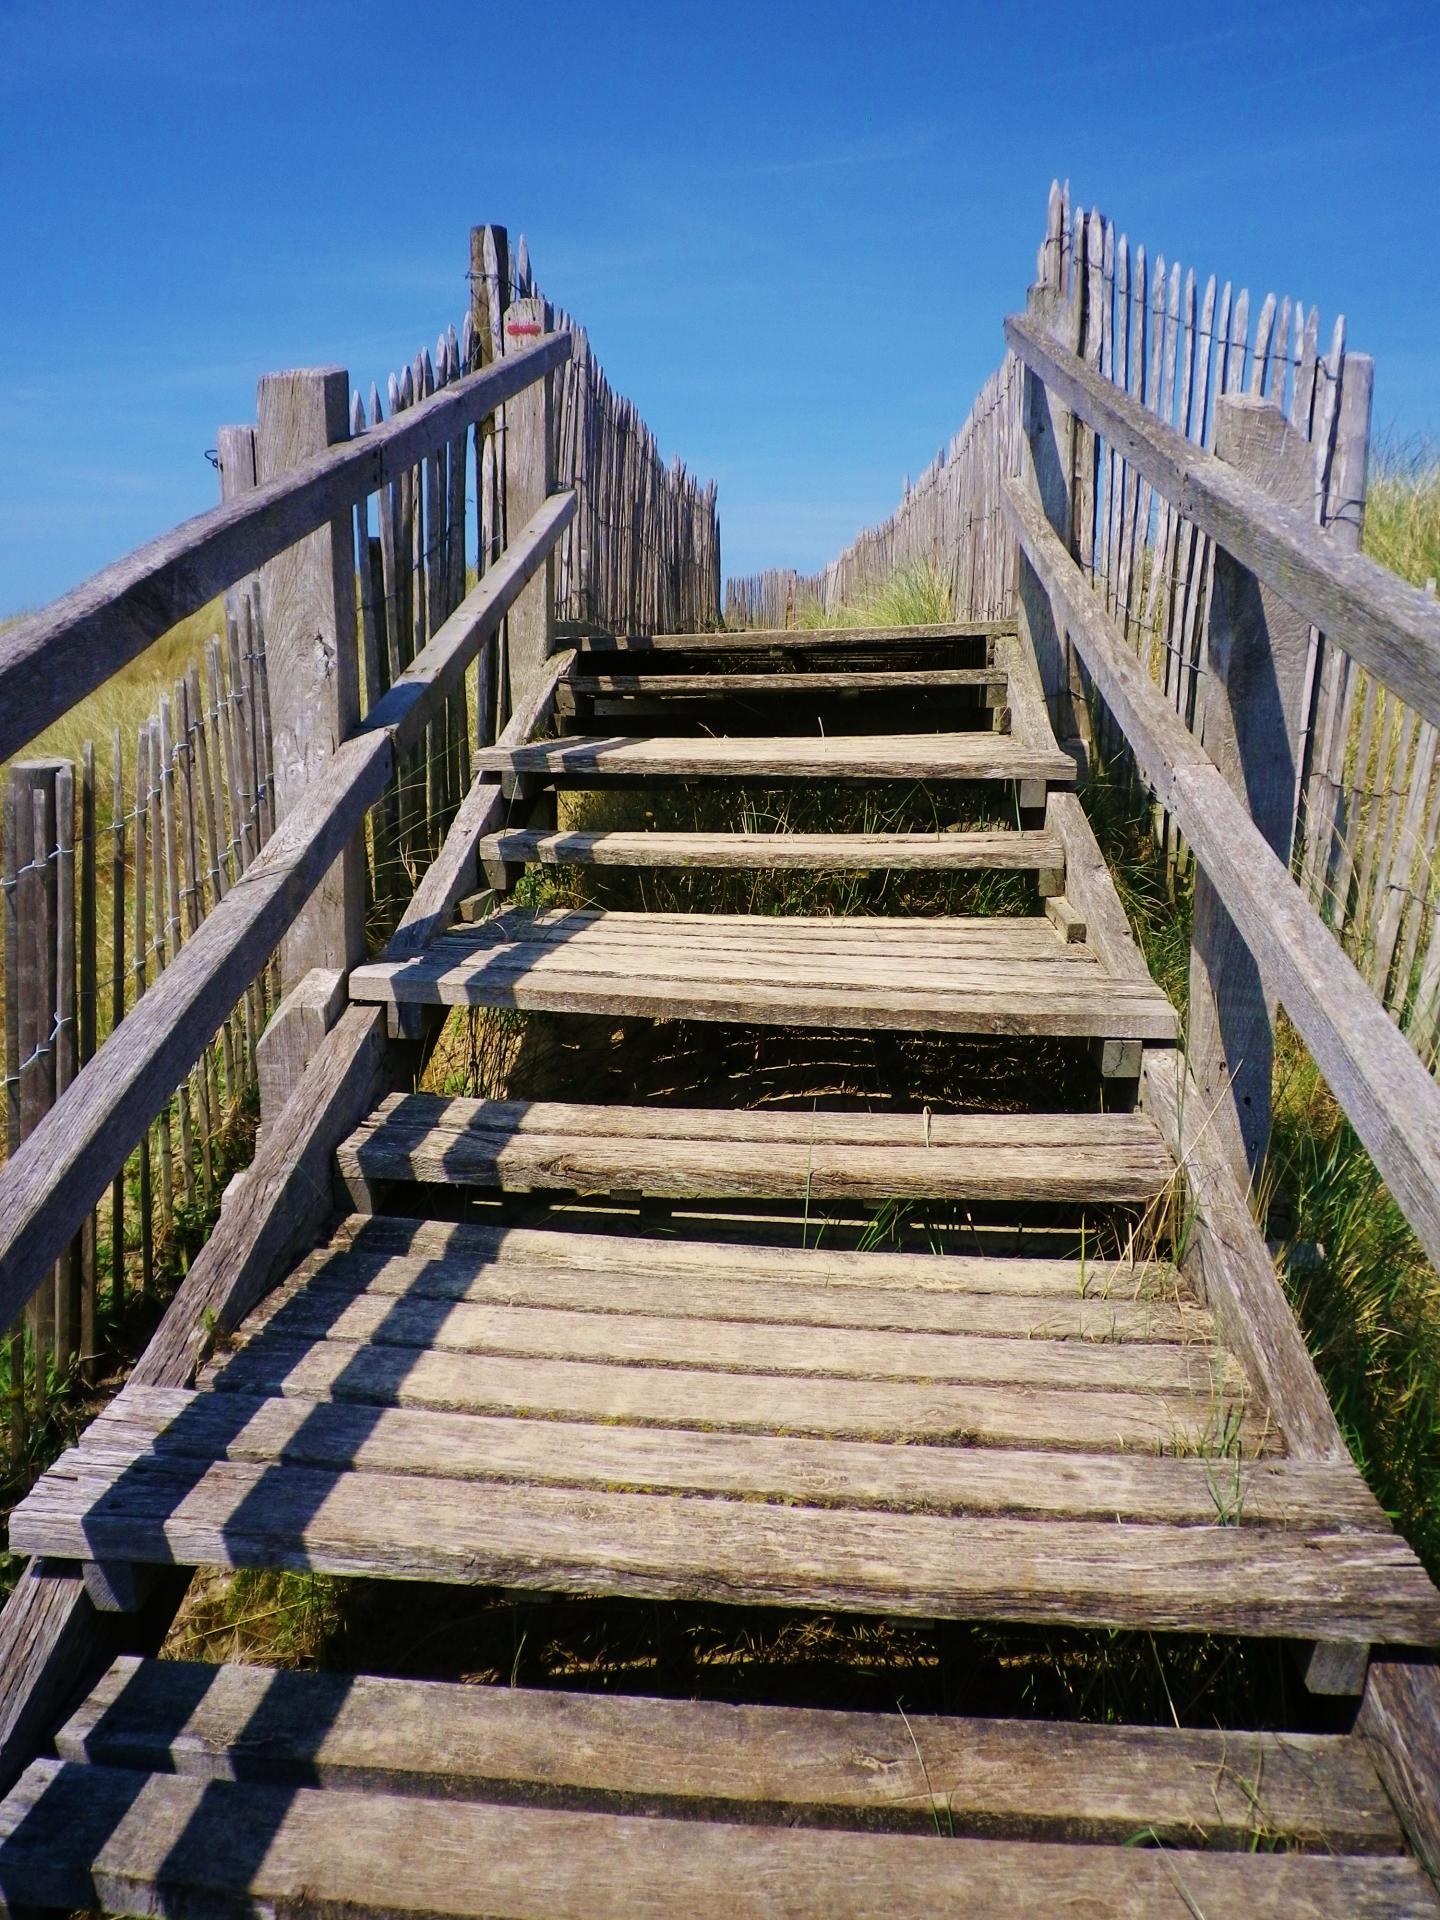 Bleriot plage l escalier de l acces a la mer